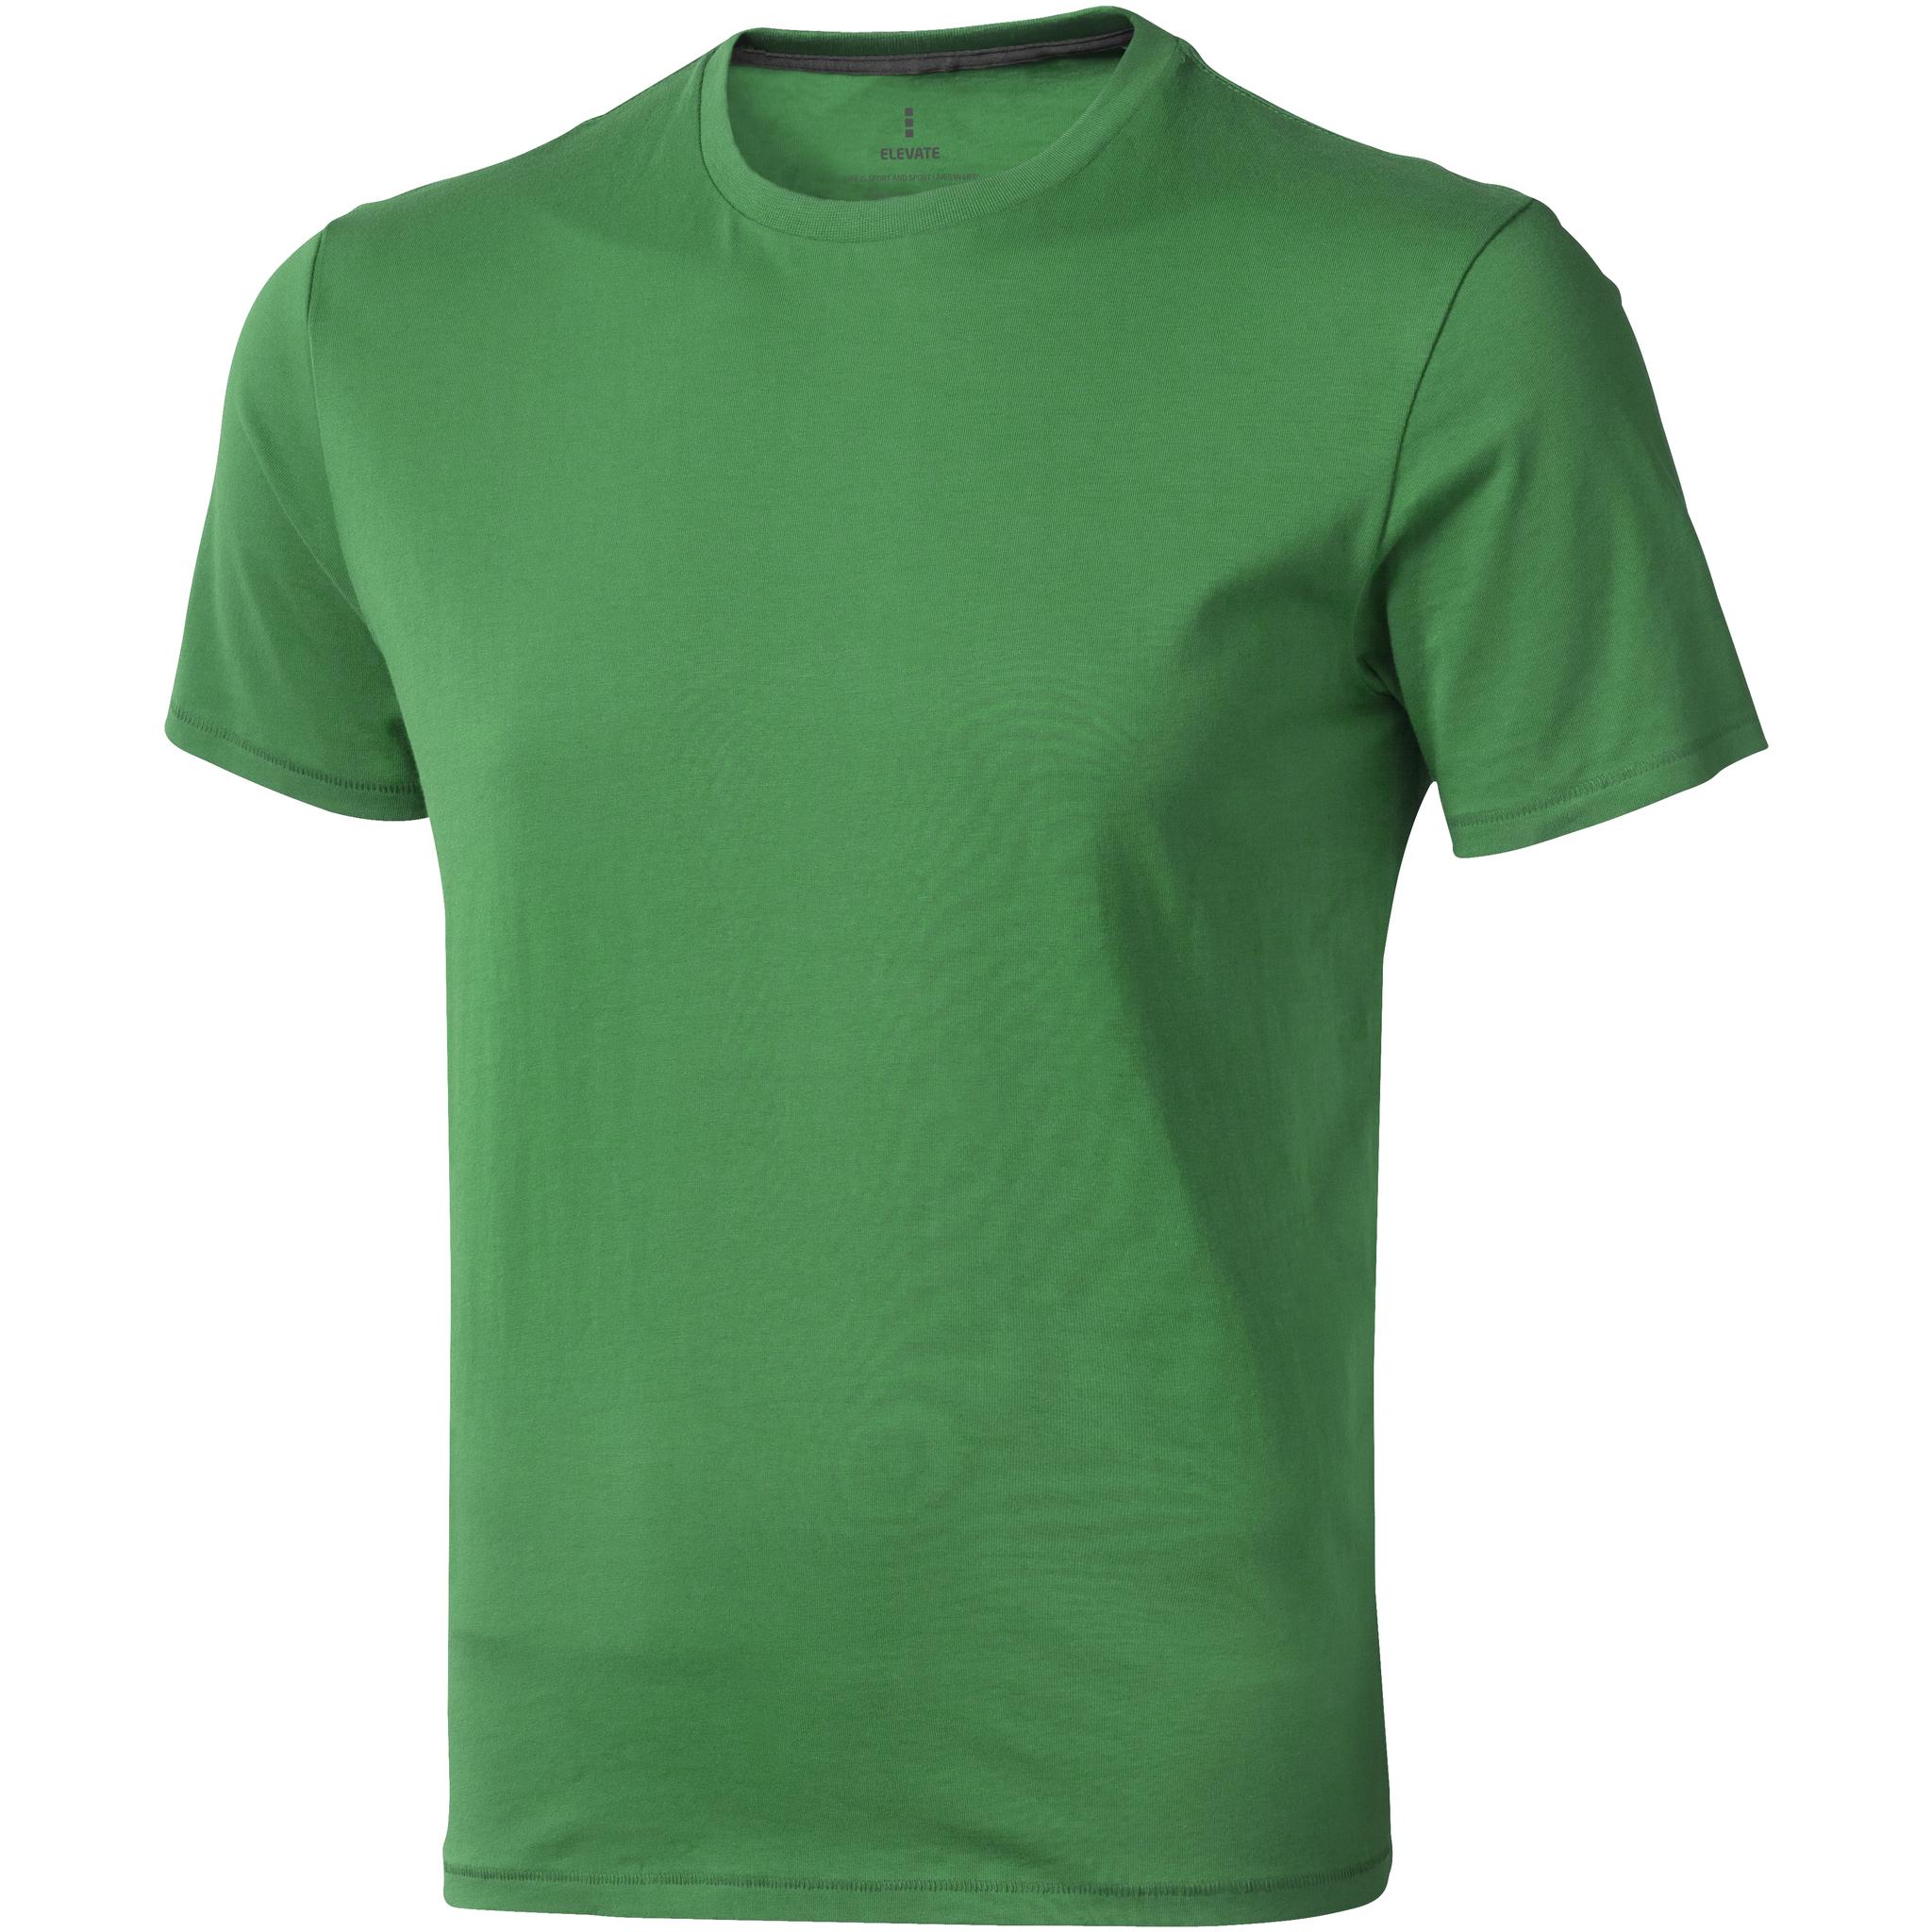 Elevate-Mens-Nanaimo-Short-Sleeve-T-Shirt-PF1807 thumbnail 10